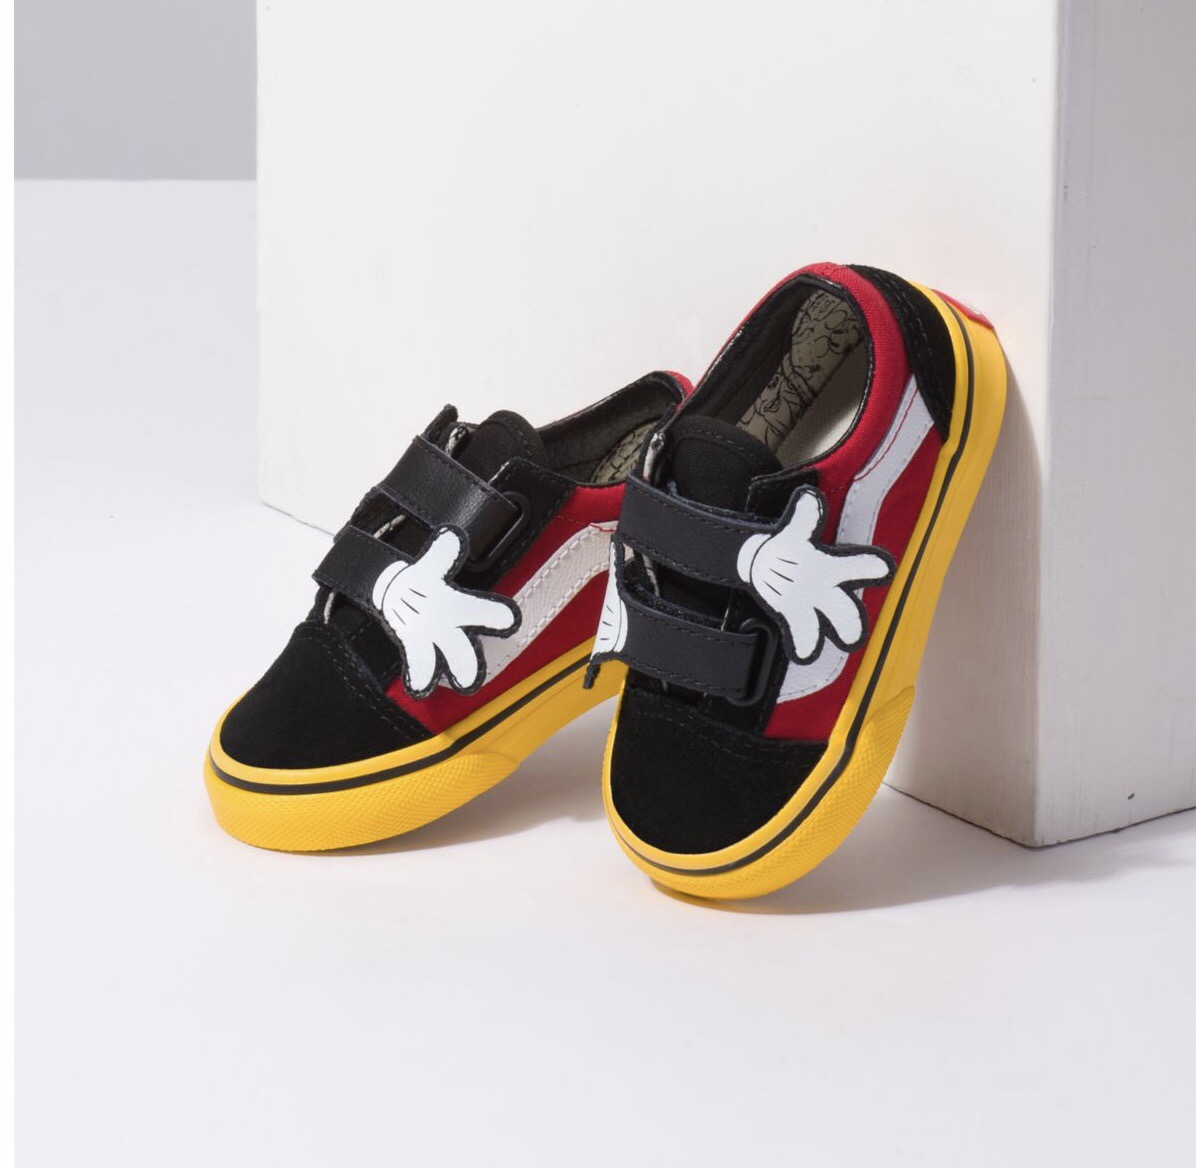 5cf58e3b93 Vans Vans X Disney Old Skool V (mickey Hugs   Yellow)    4.5 Toddlers